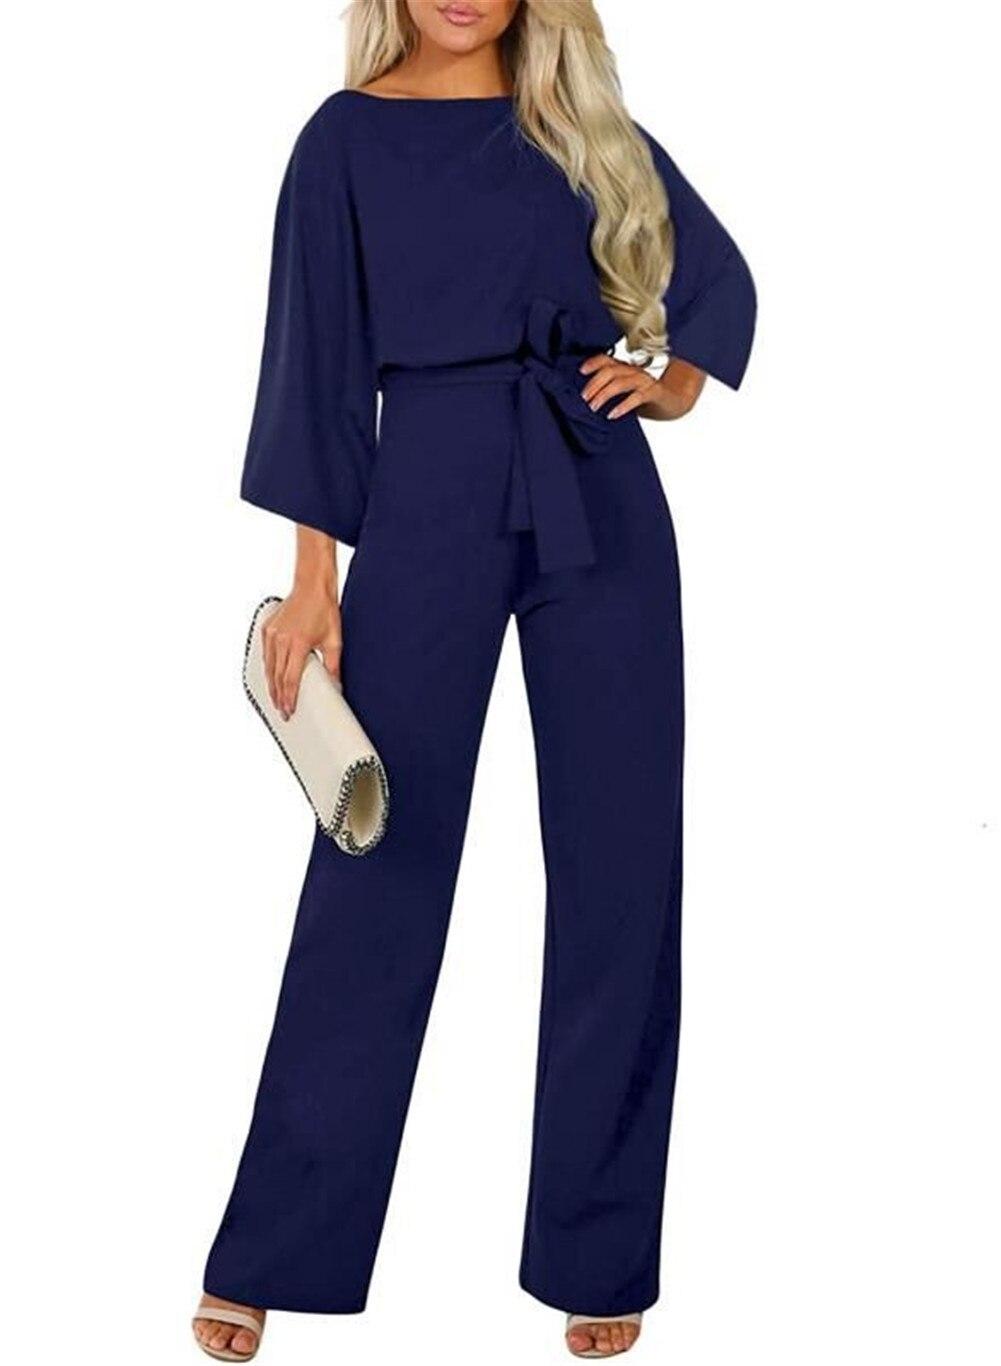 Plus Size Women/'s Jumpsuit Short Sleeve Belt Wide Leg Party Long Romper Playsuit